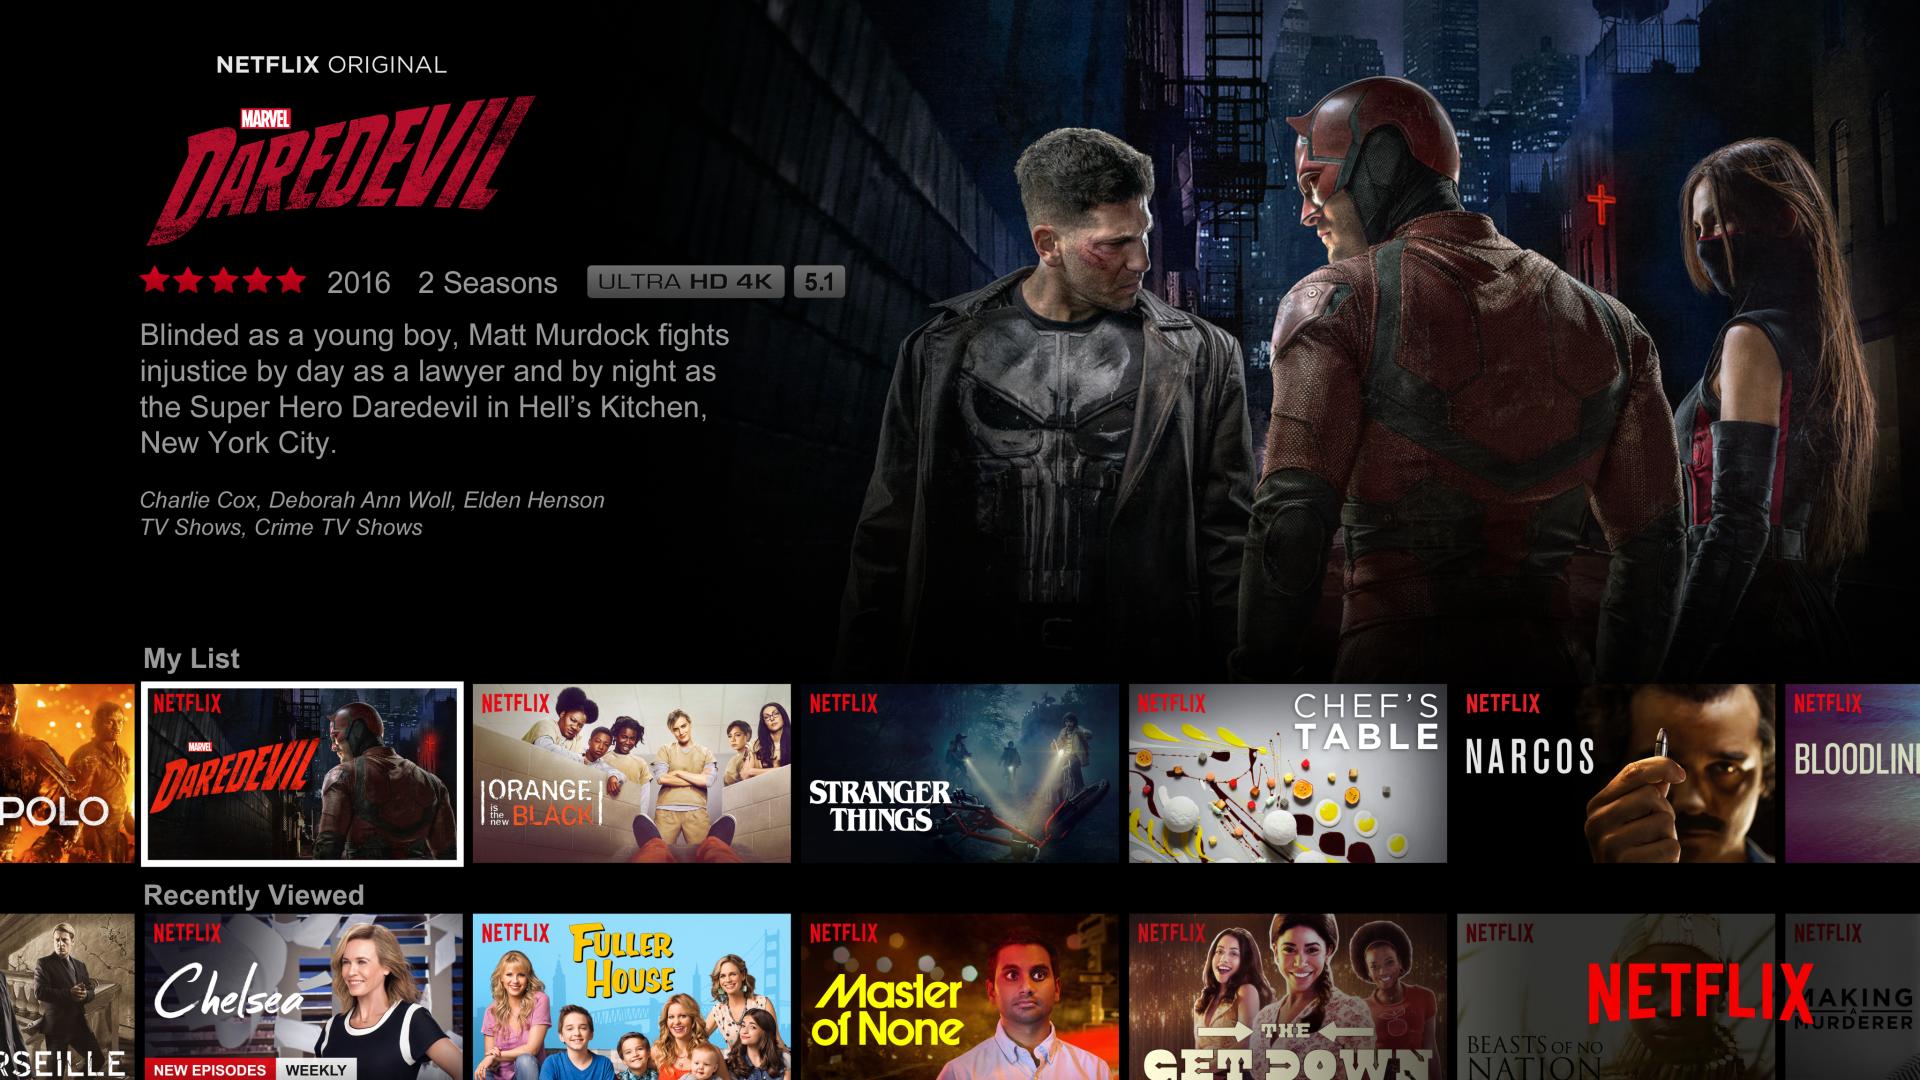 A poster displaying various Netflix Originals movies